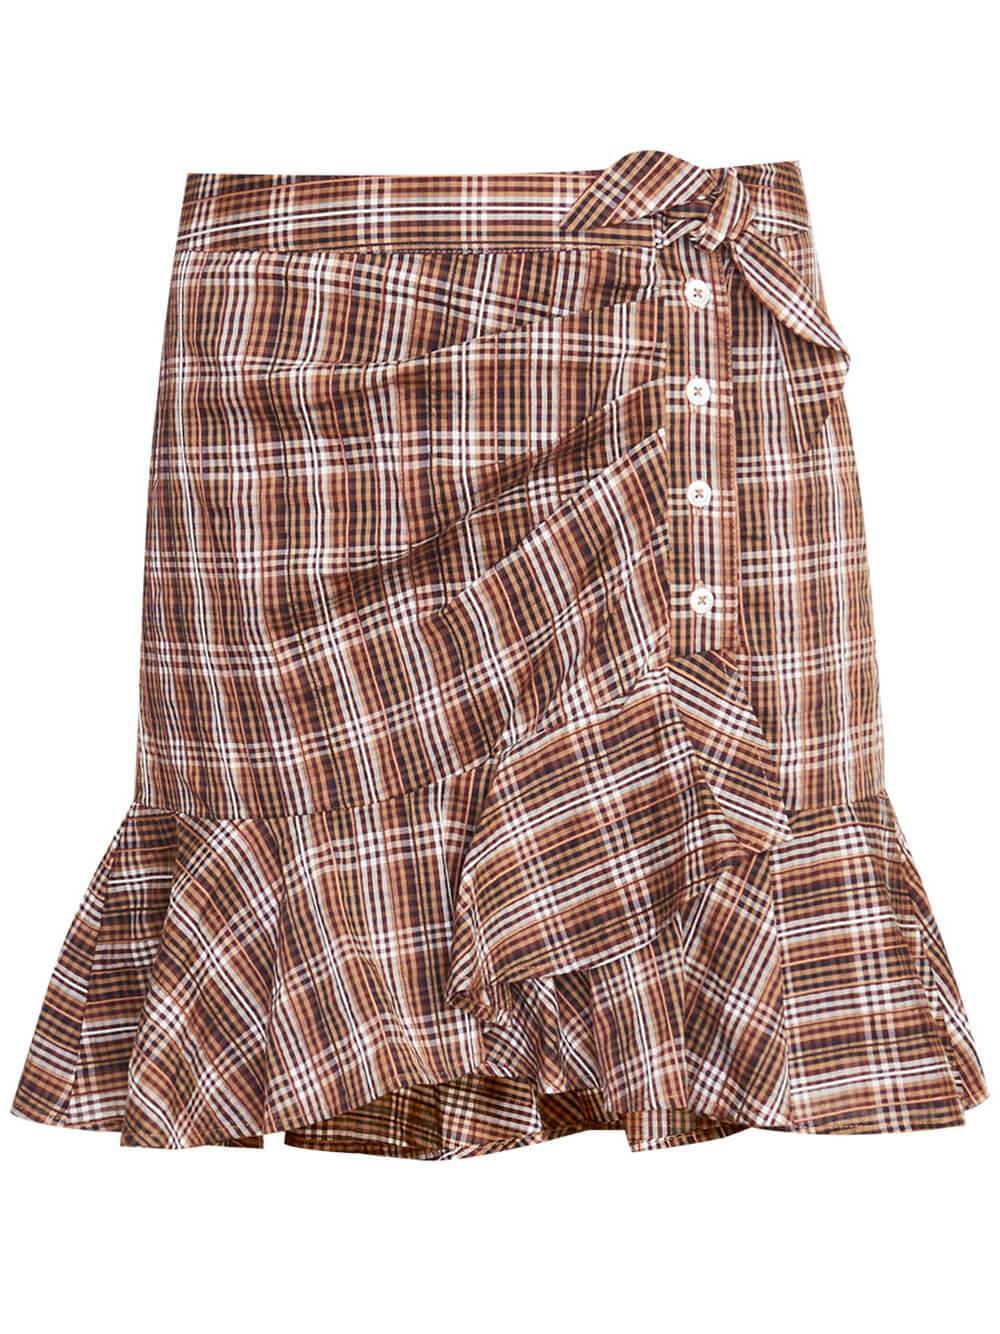 Kaia Skirt Item # 2108SH0363144